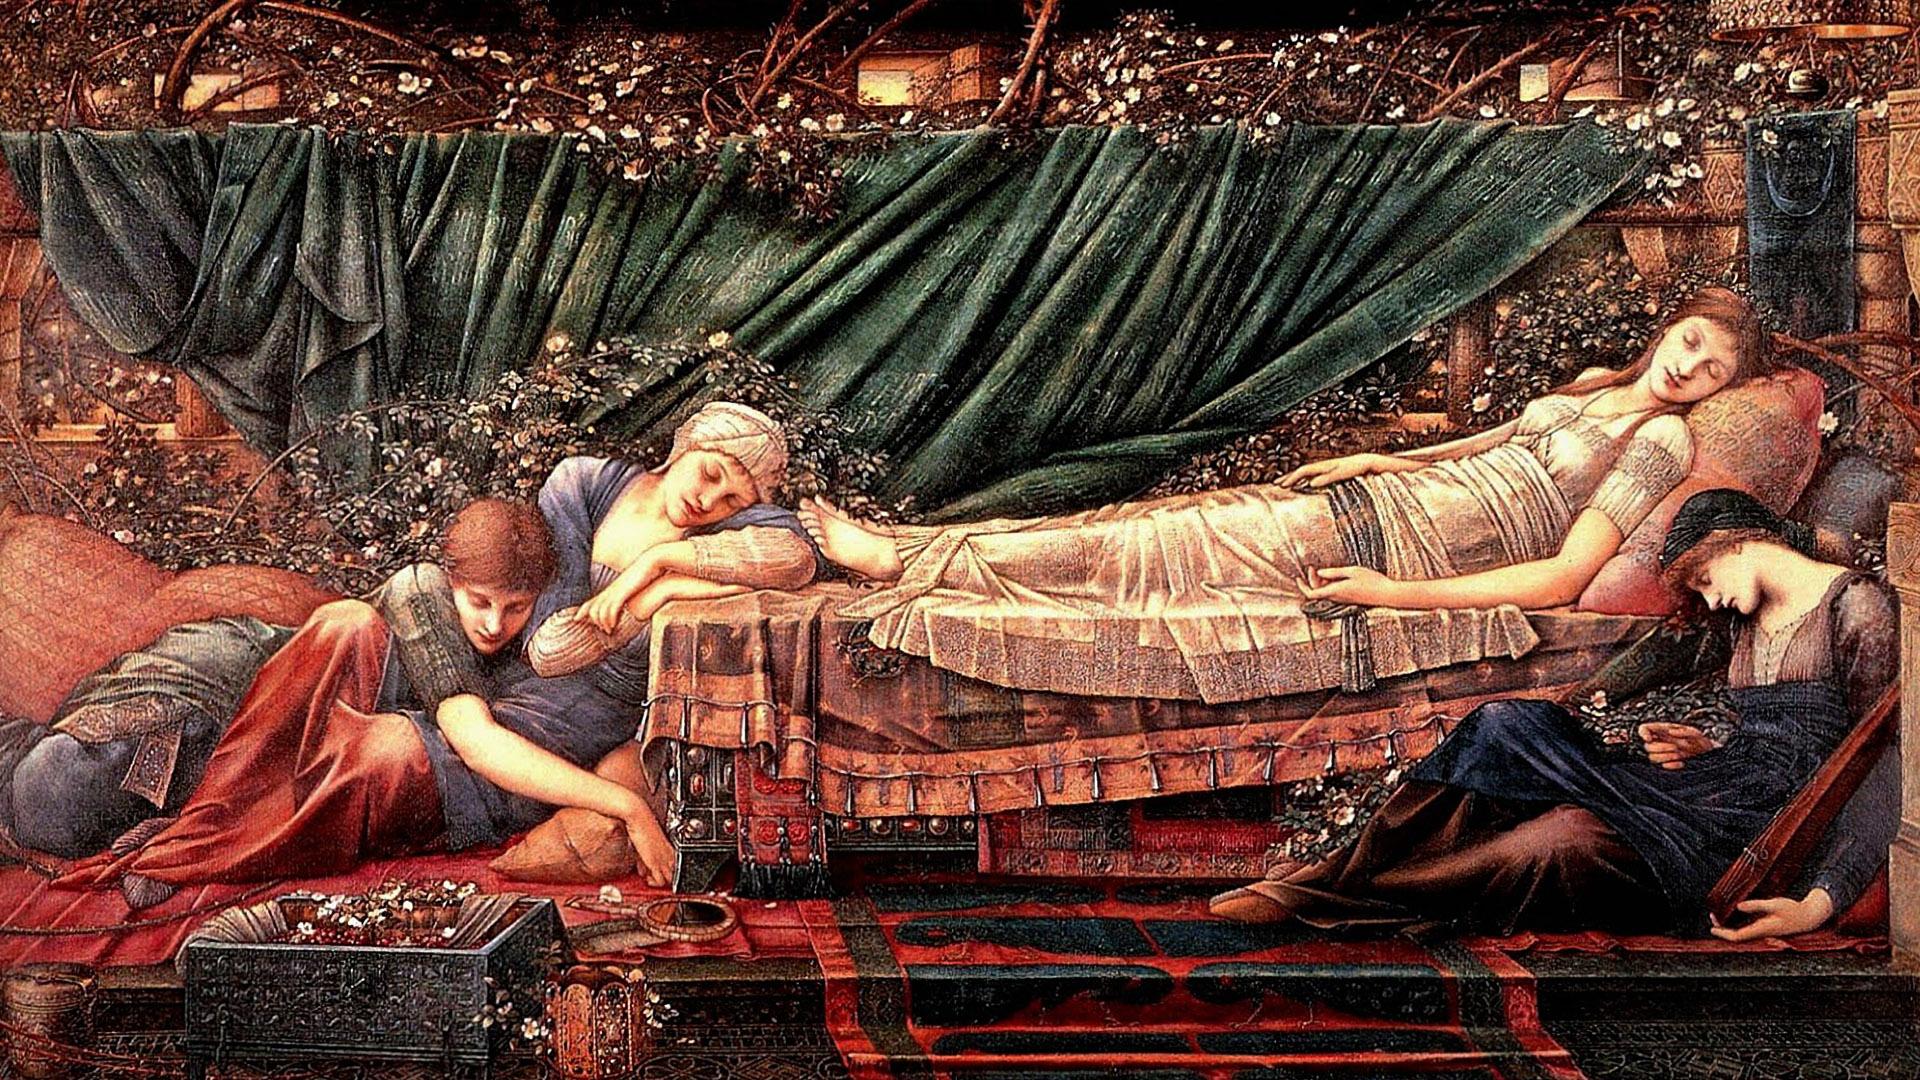 エドワード・バーン=ジョーンズ Edward Burne-Jones - The Rose Bower 1920x1080